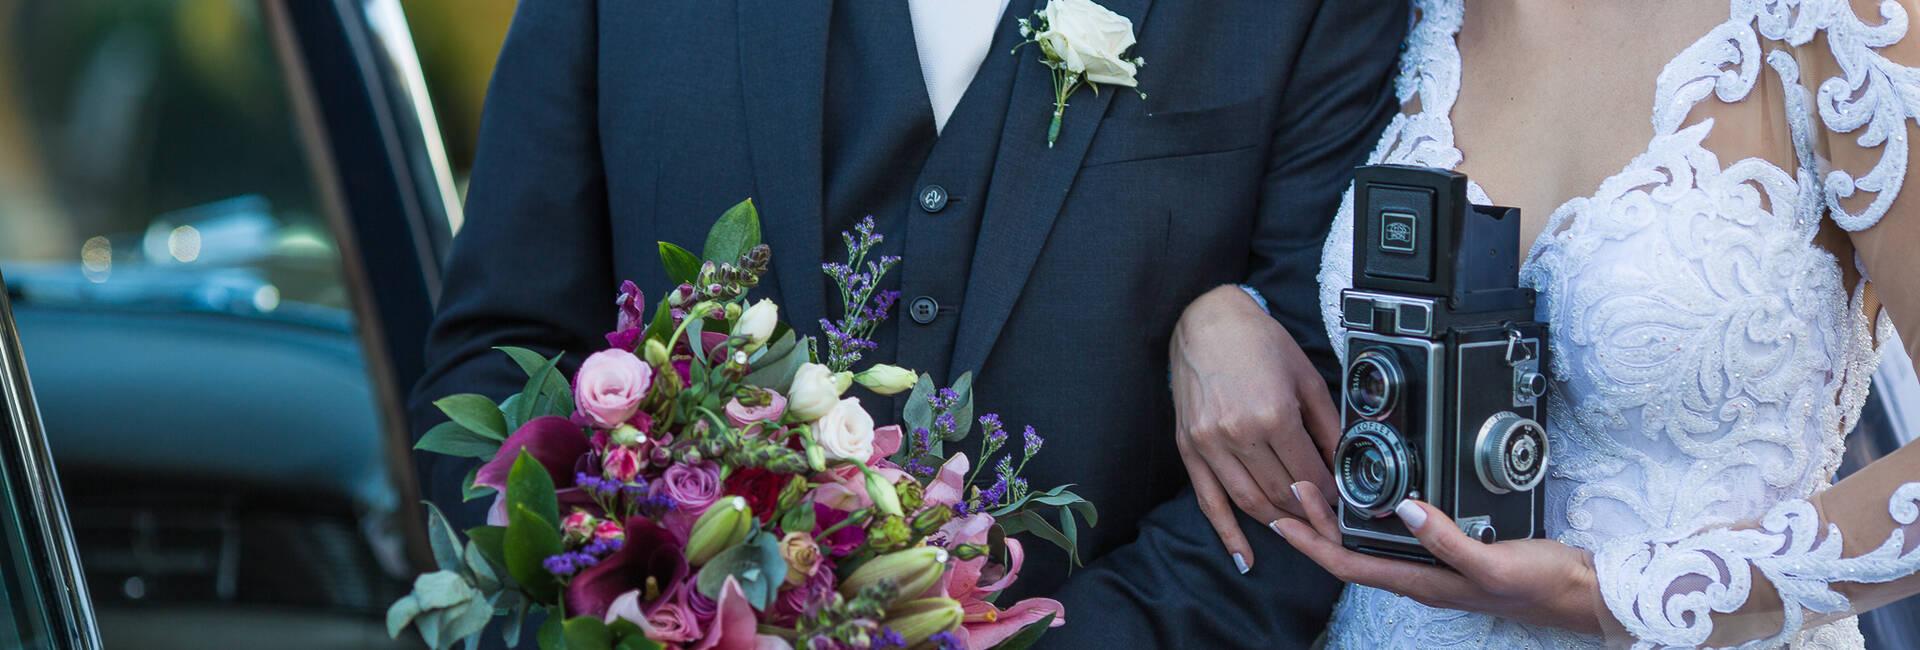 Casamento de Lorrayne e Farmio